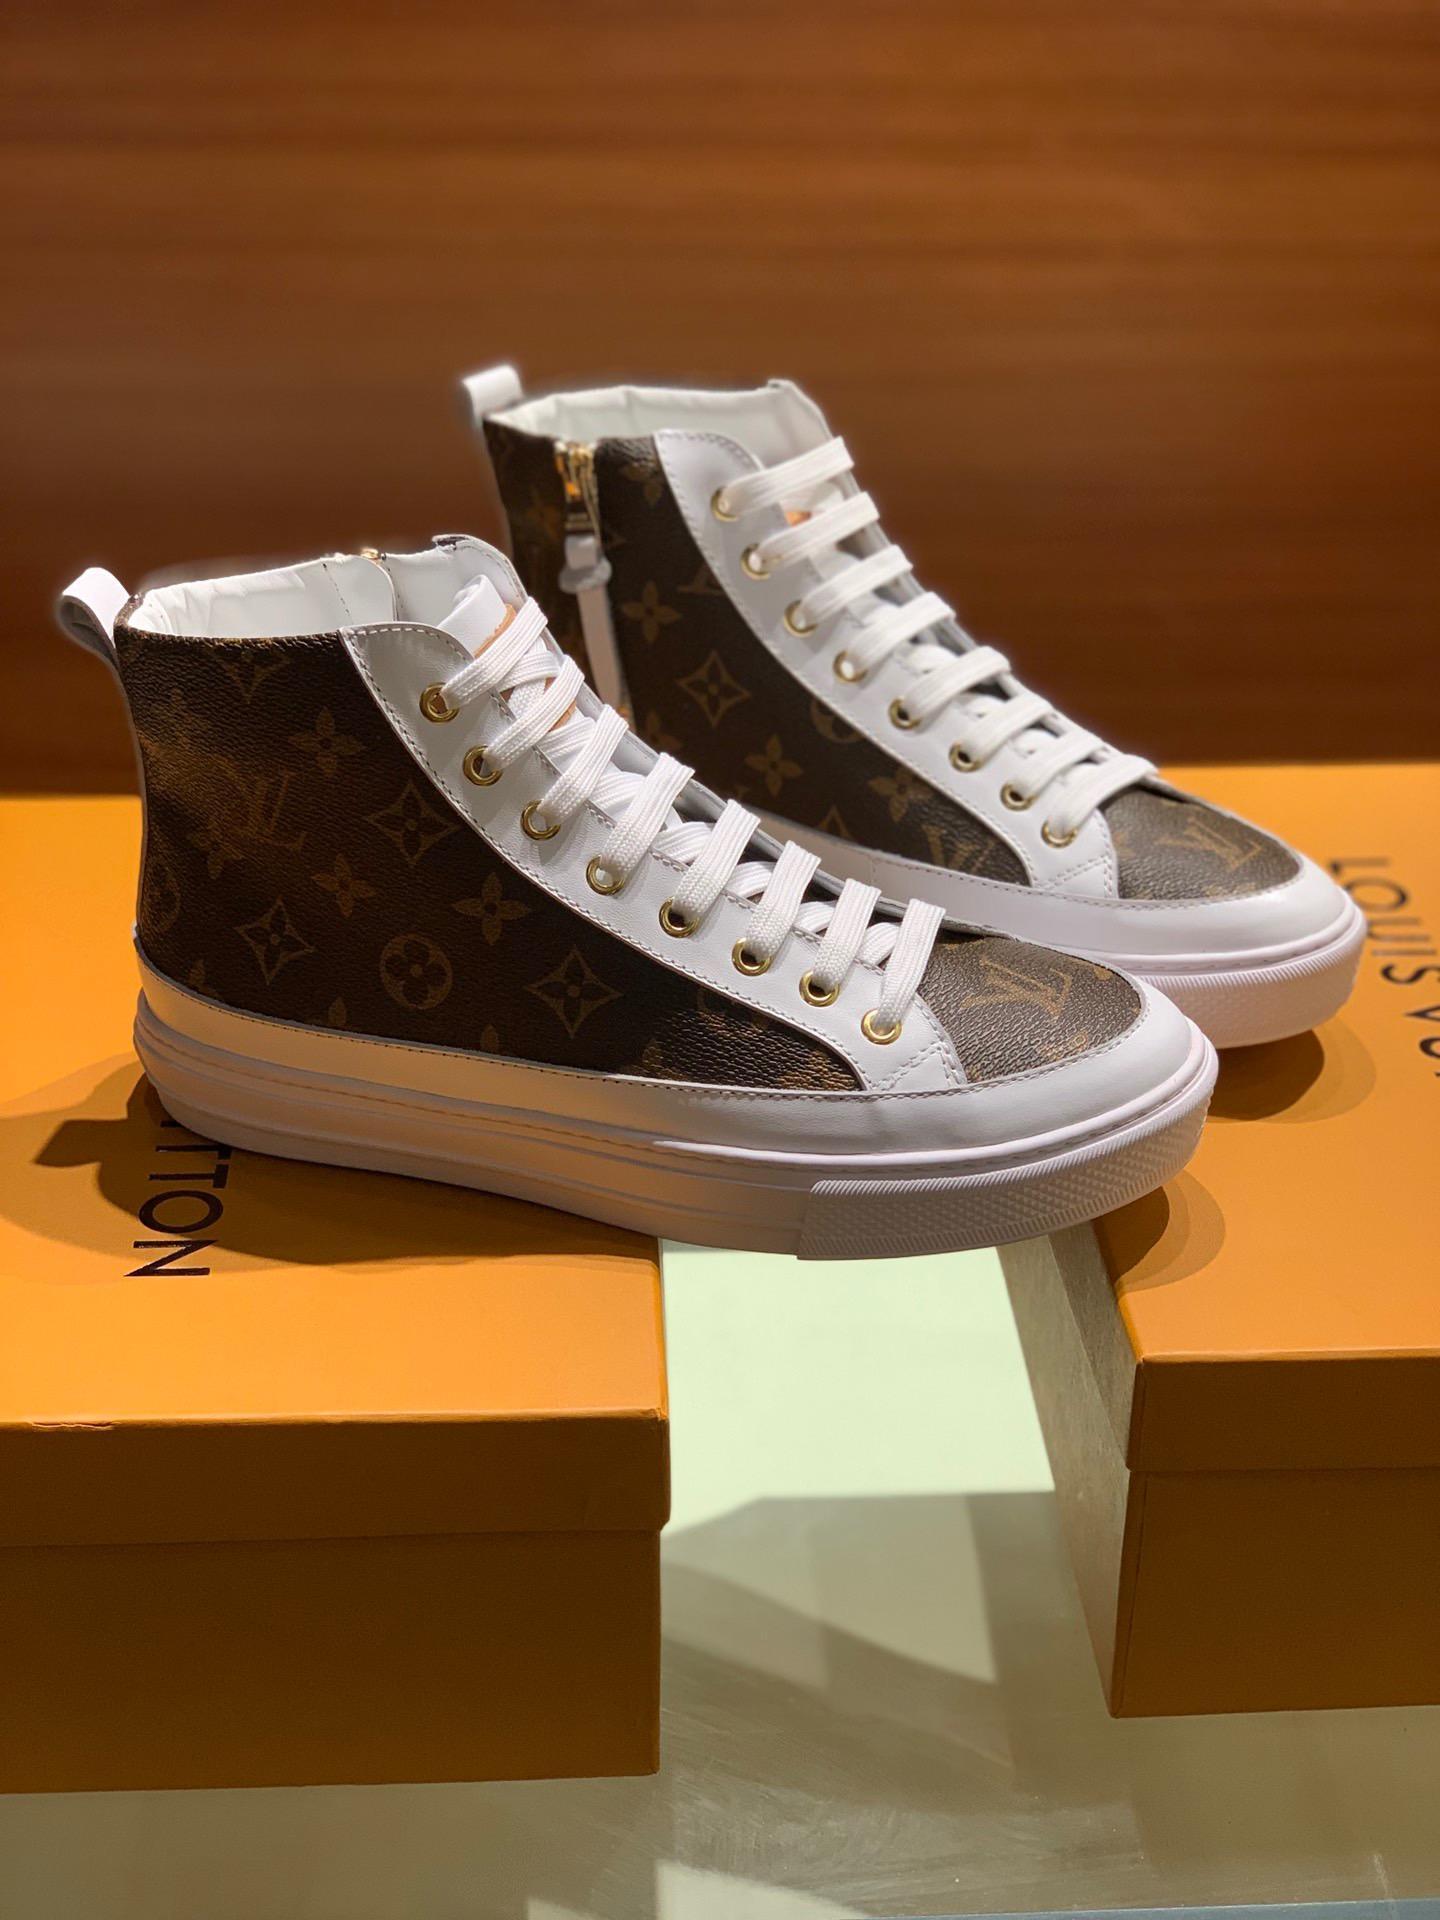 Версия для печати Дизайнеры Обувь Лучшие качества Черный Белый ACE мужские из натуральной кожи Конструкторы кроссовки Горячие бренд Продажа Повседневная обувь